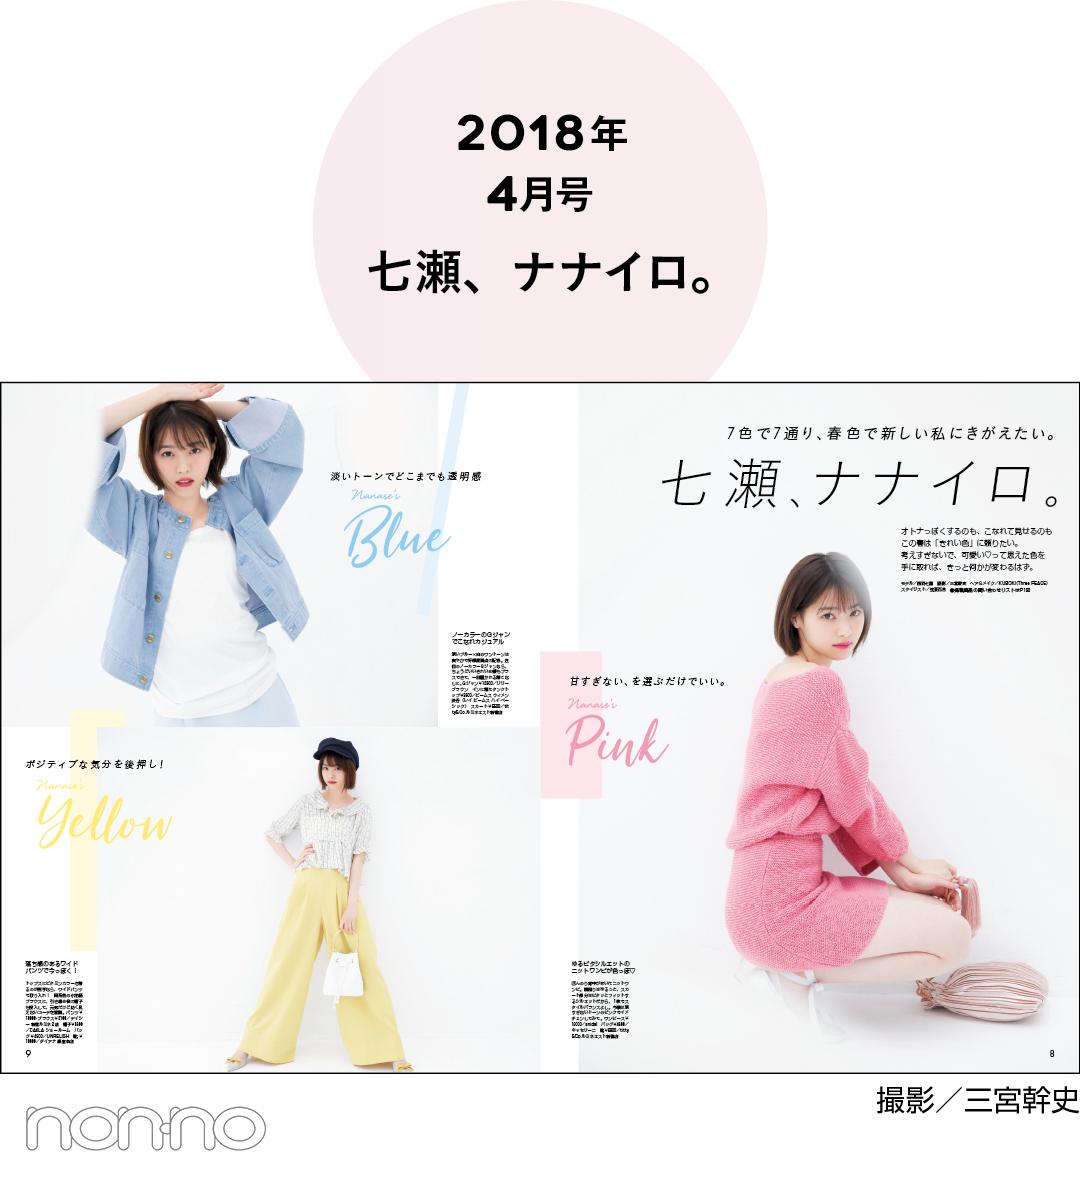 2018年4月号 七瀬、ナナイロ。